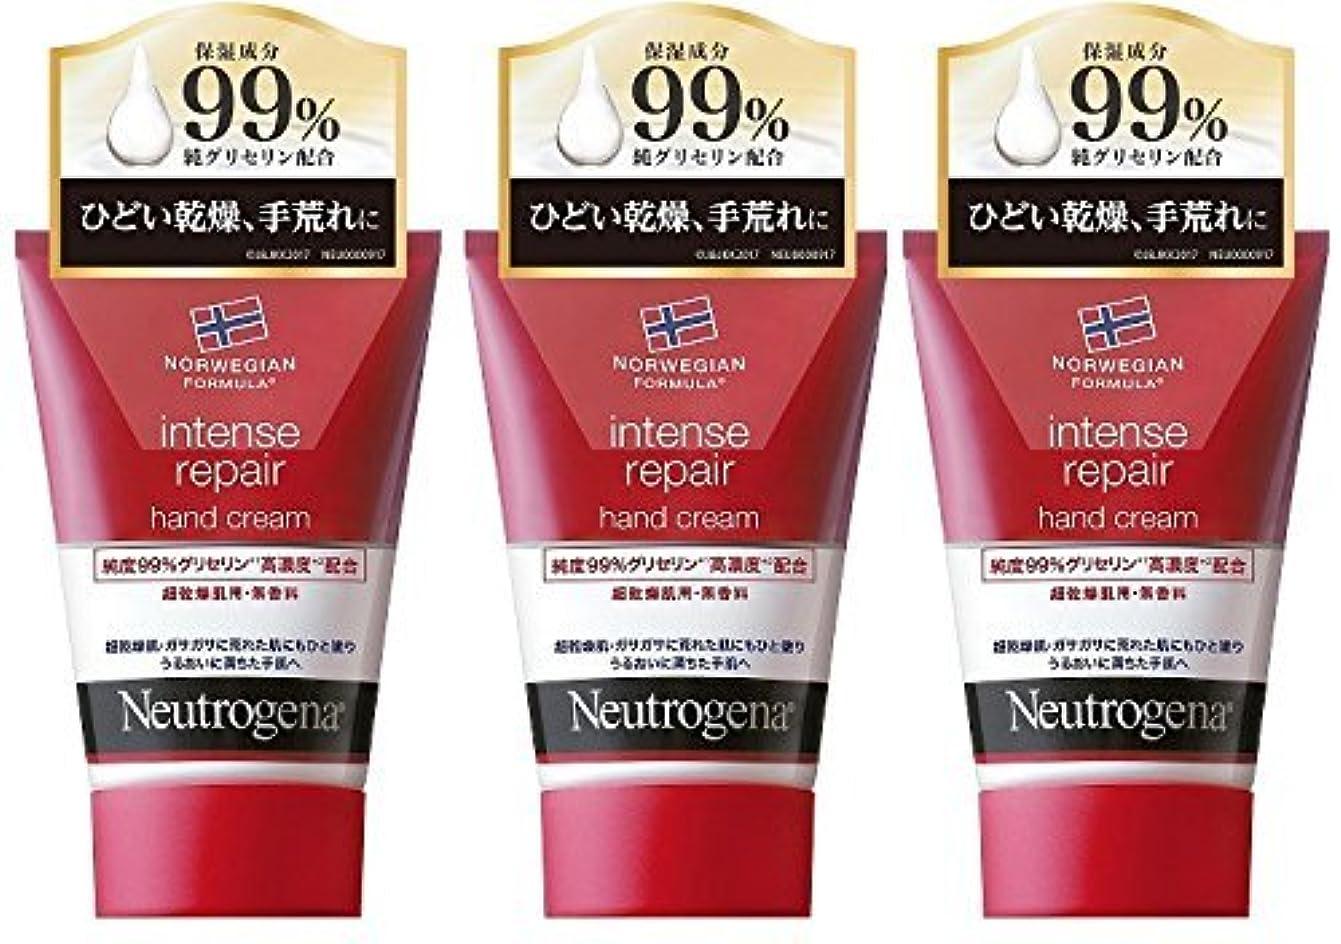 先例無限飛び込む【まとめ買い】Neutrogena(ニュートロジーナ) ノルウェーフォーミュラ インテンスリペア ハンドクリーム 超乾燥肌用 無香料 50g×3個